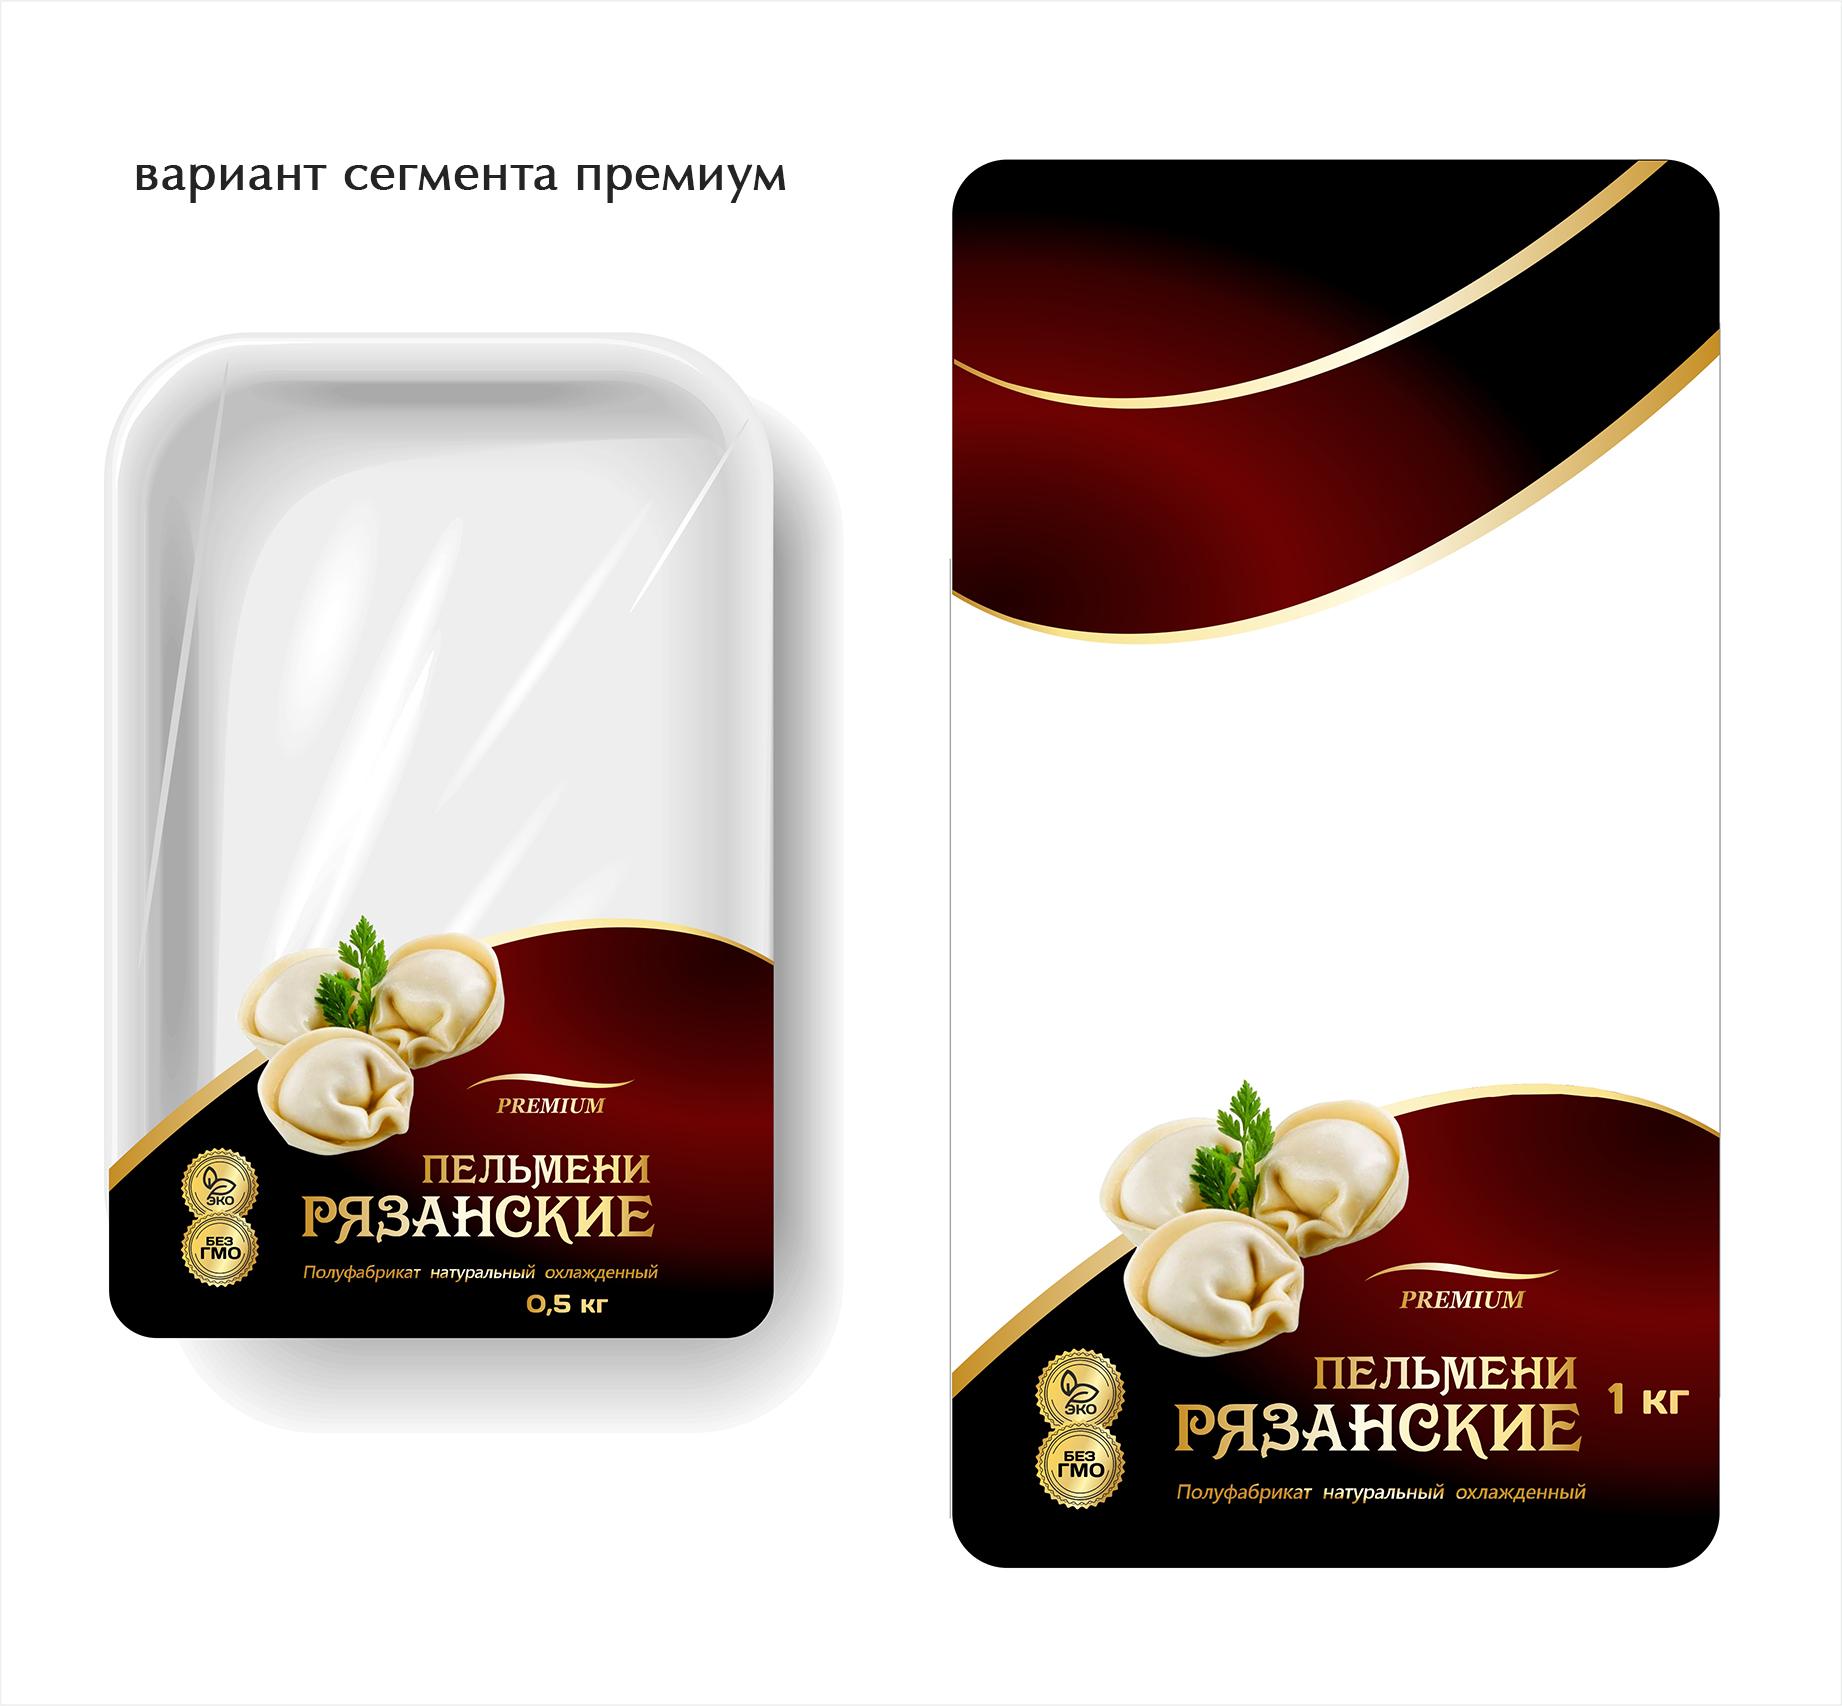 Ребрендинг дизайна упаковки для пельменей фото f_2265a6226abc2a5b.jpg